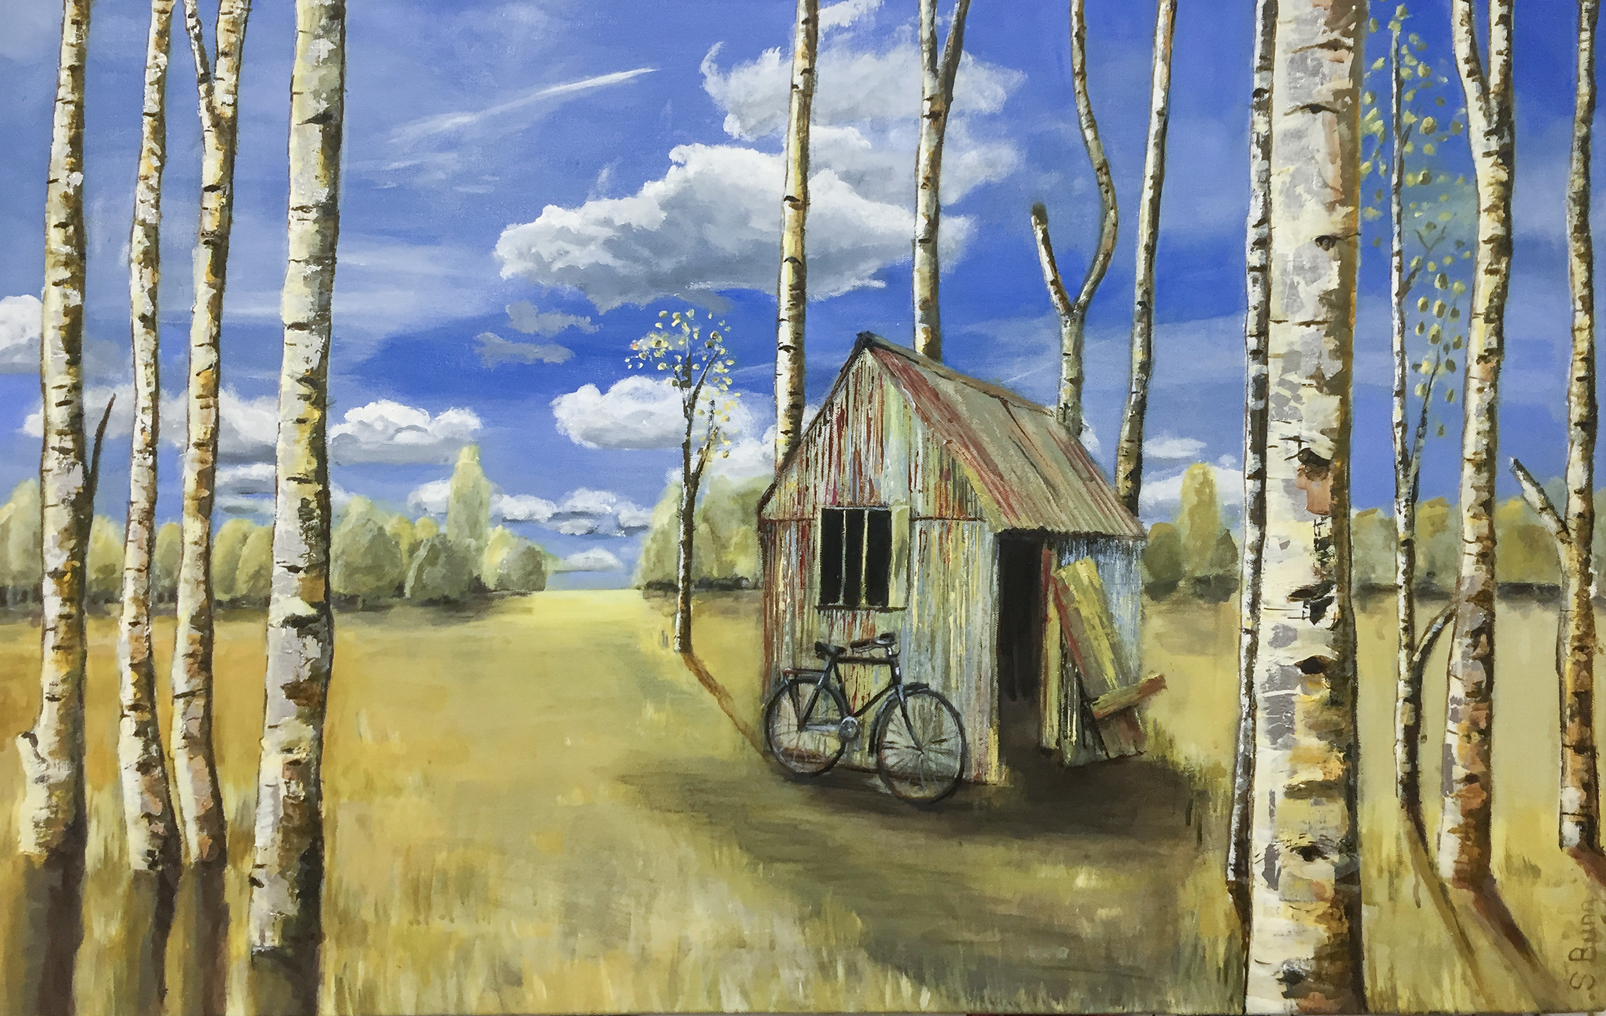 Bike-Shed-Acrylic-&-Silver-leaf--60X100cm-Susan-Bunn-Artist-Sold-WEB